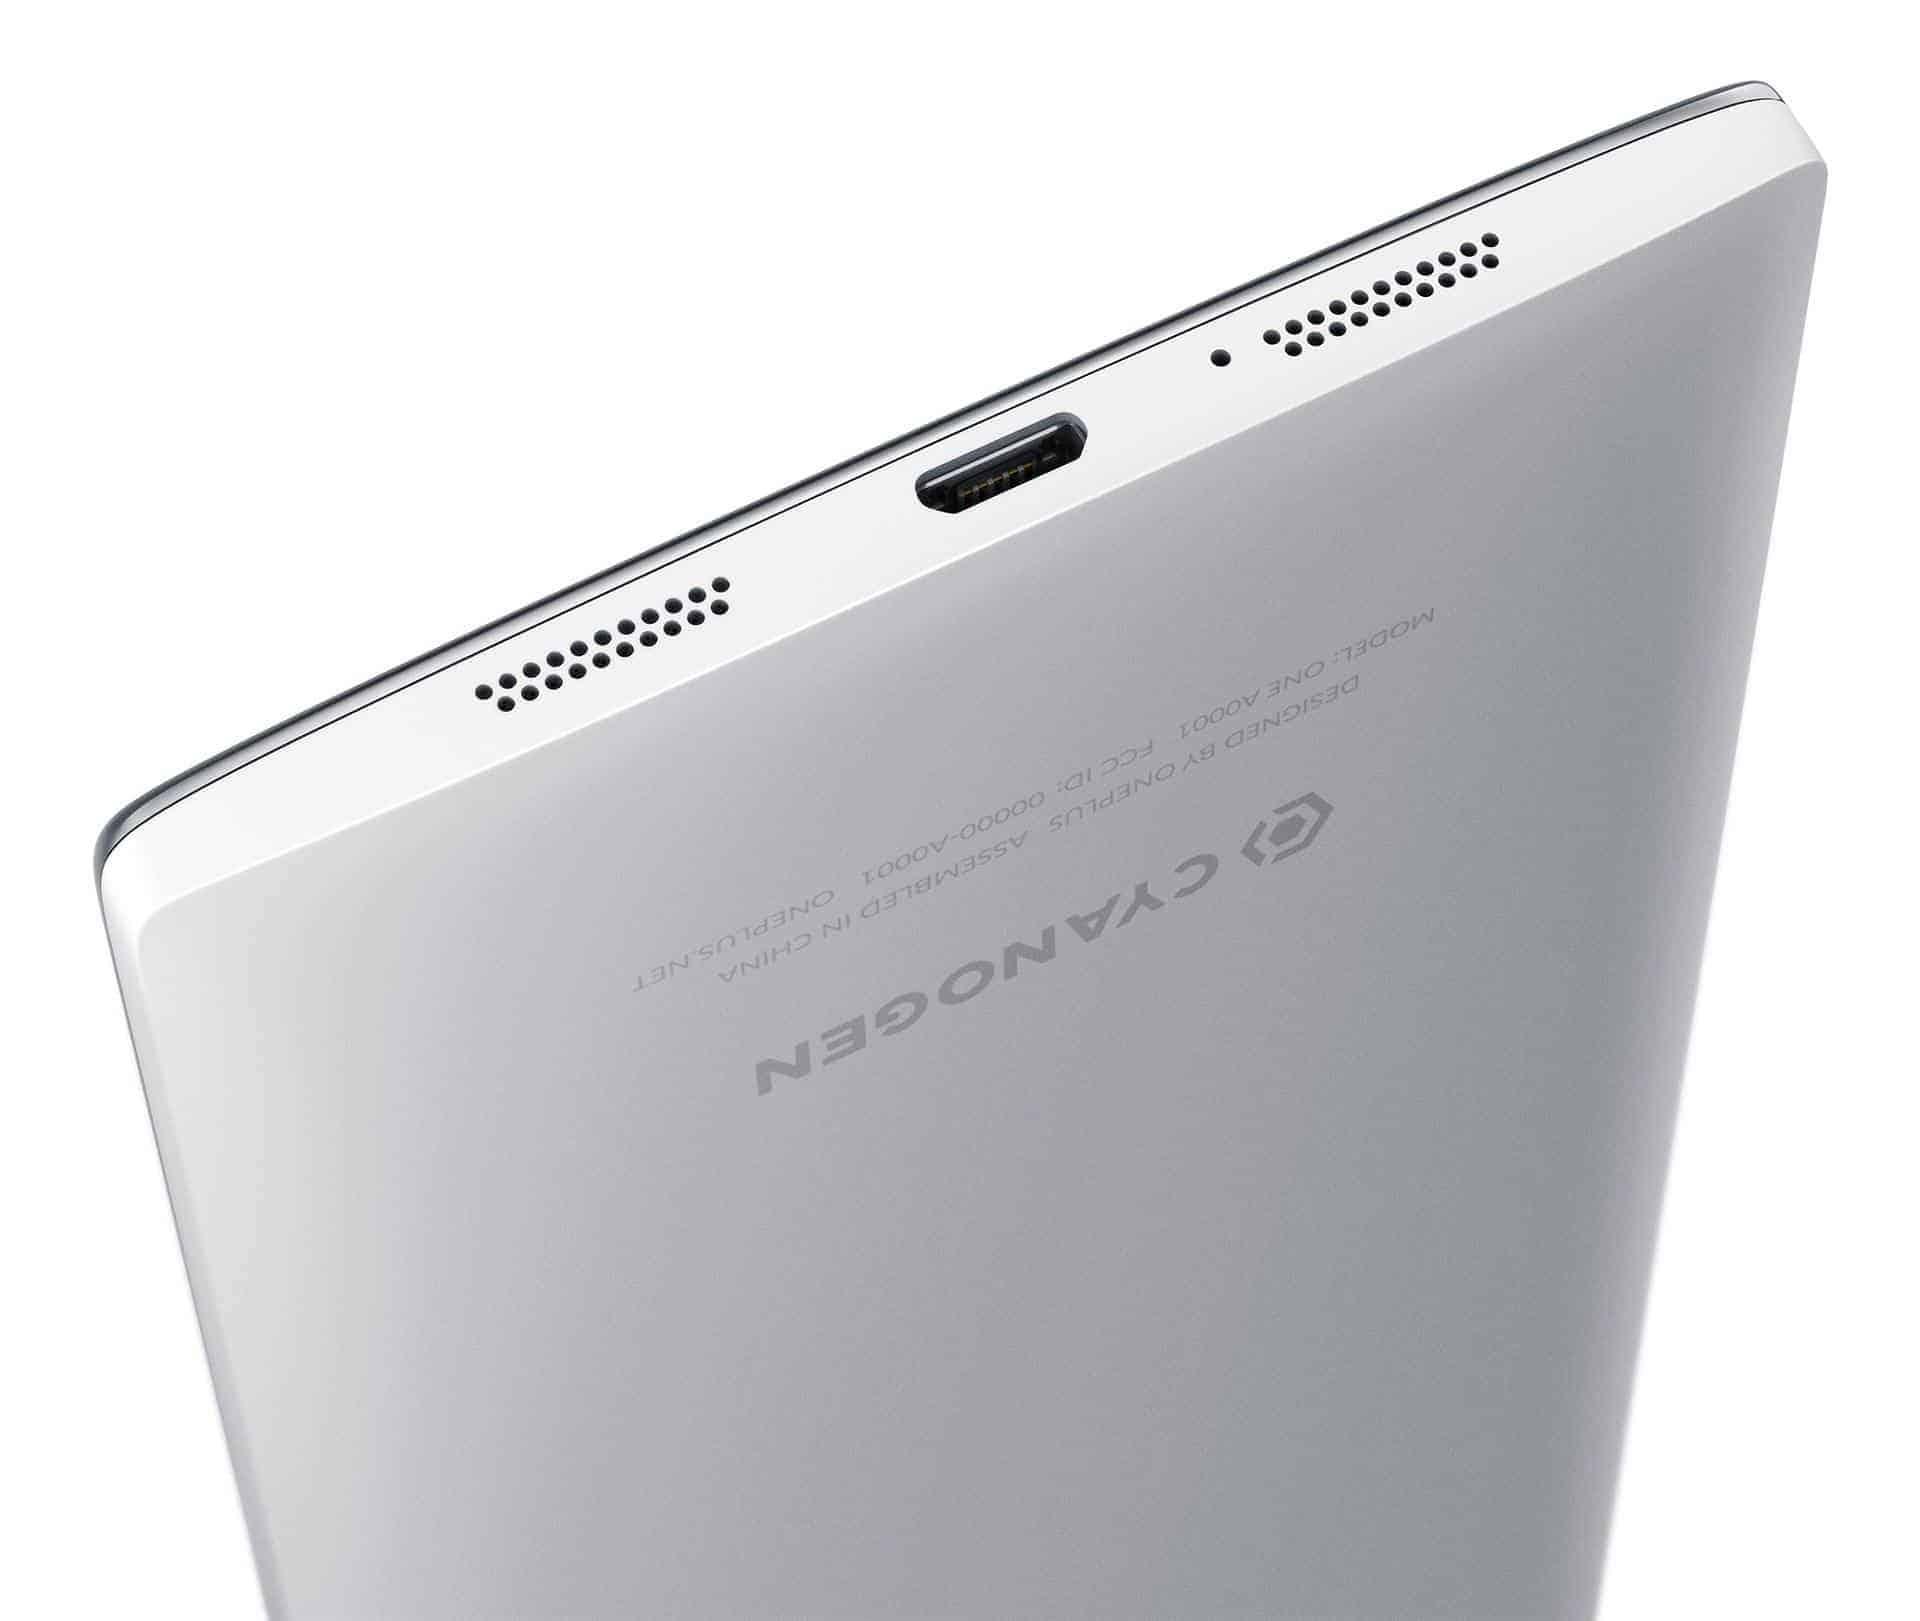 An der unteren Seite des OnePlus One befinden sich zwei Stereo-Lautsprecher.